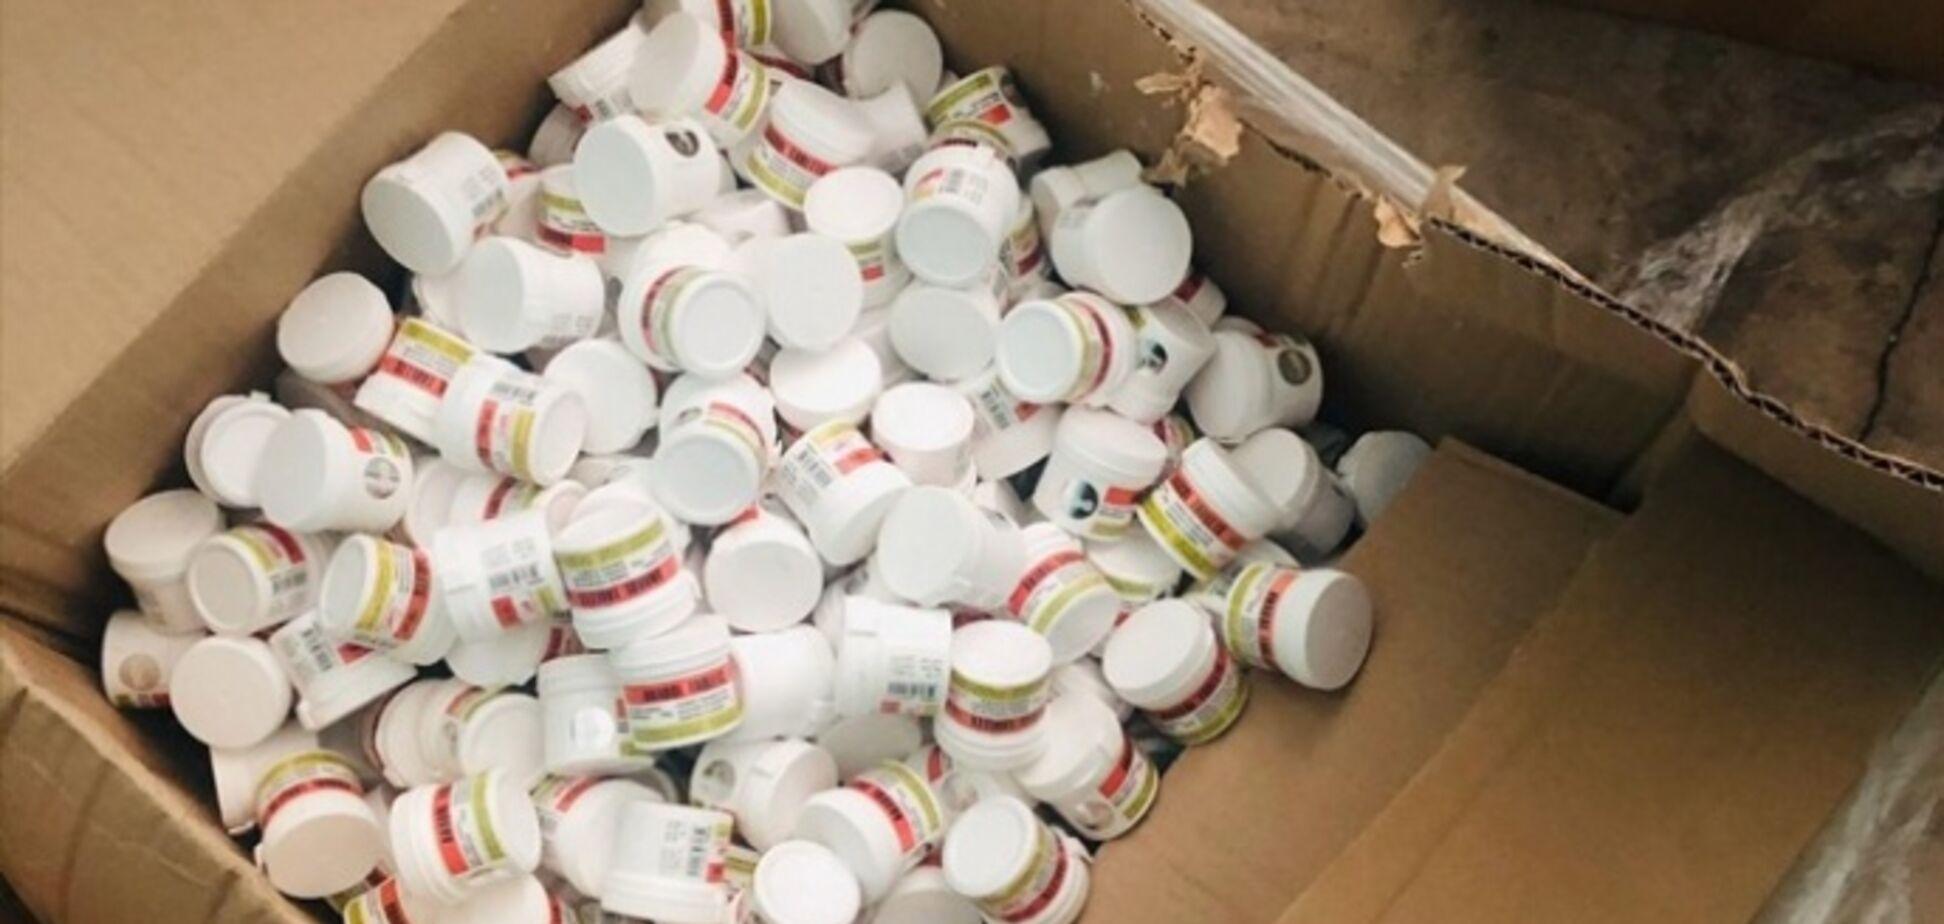 В Україні викрили схему з підробки ліків із багатомільйонним обігом